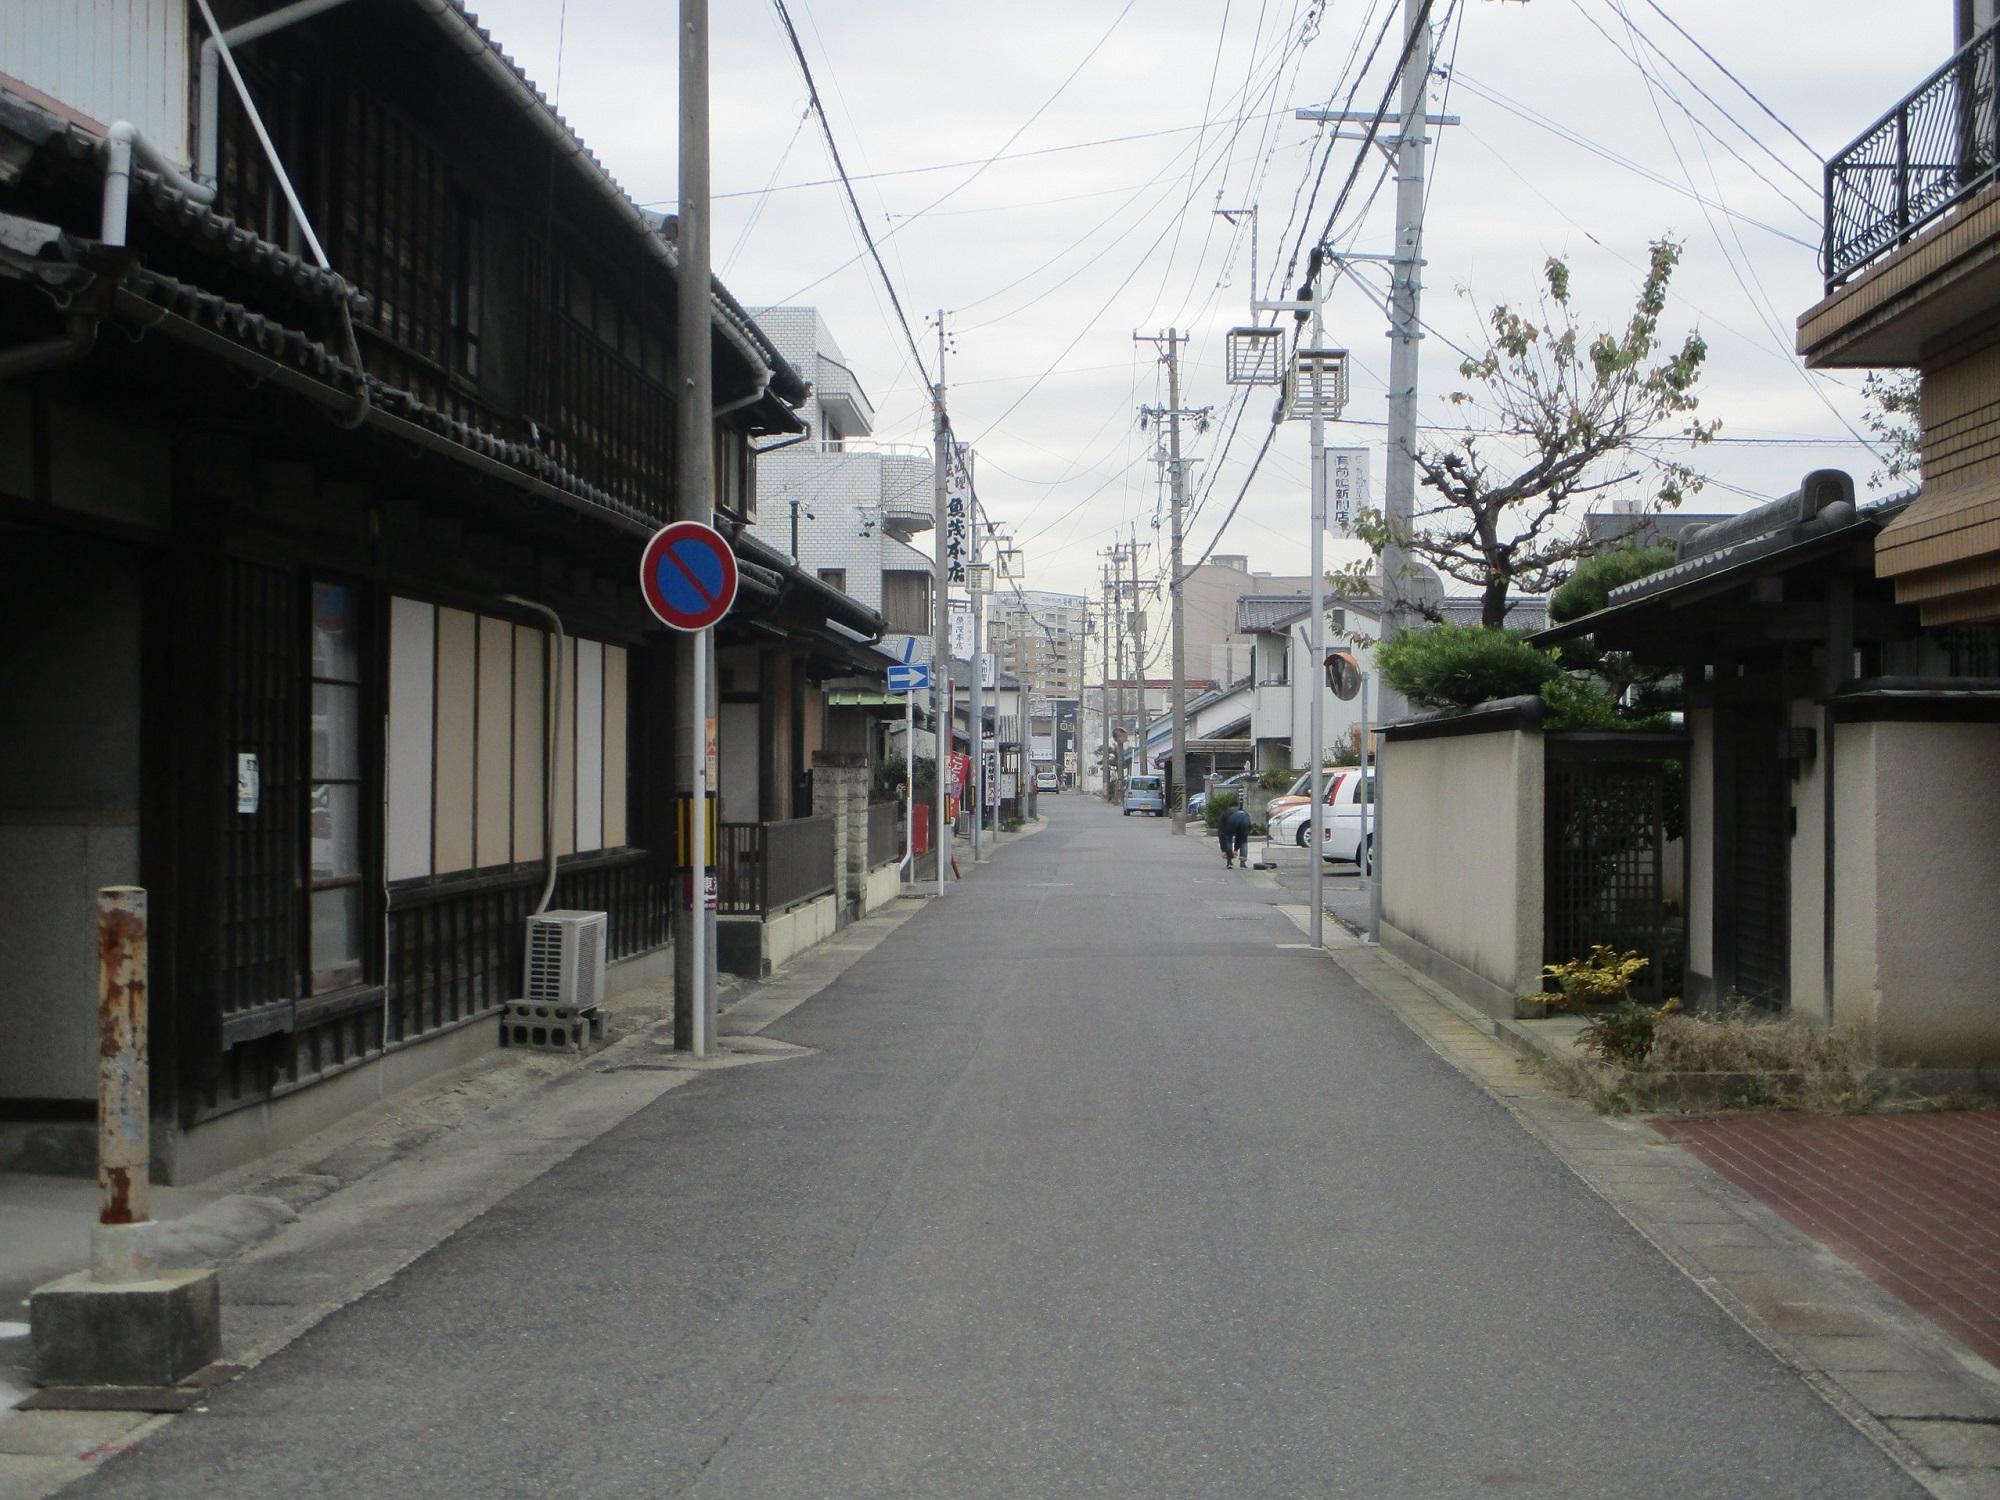 2019.11.13 (27) 東海道 - 山町をにしえ 2000-1500